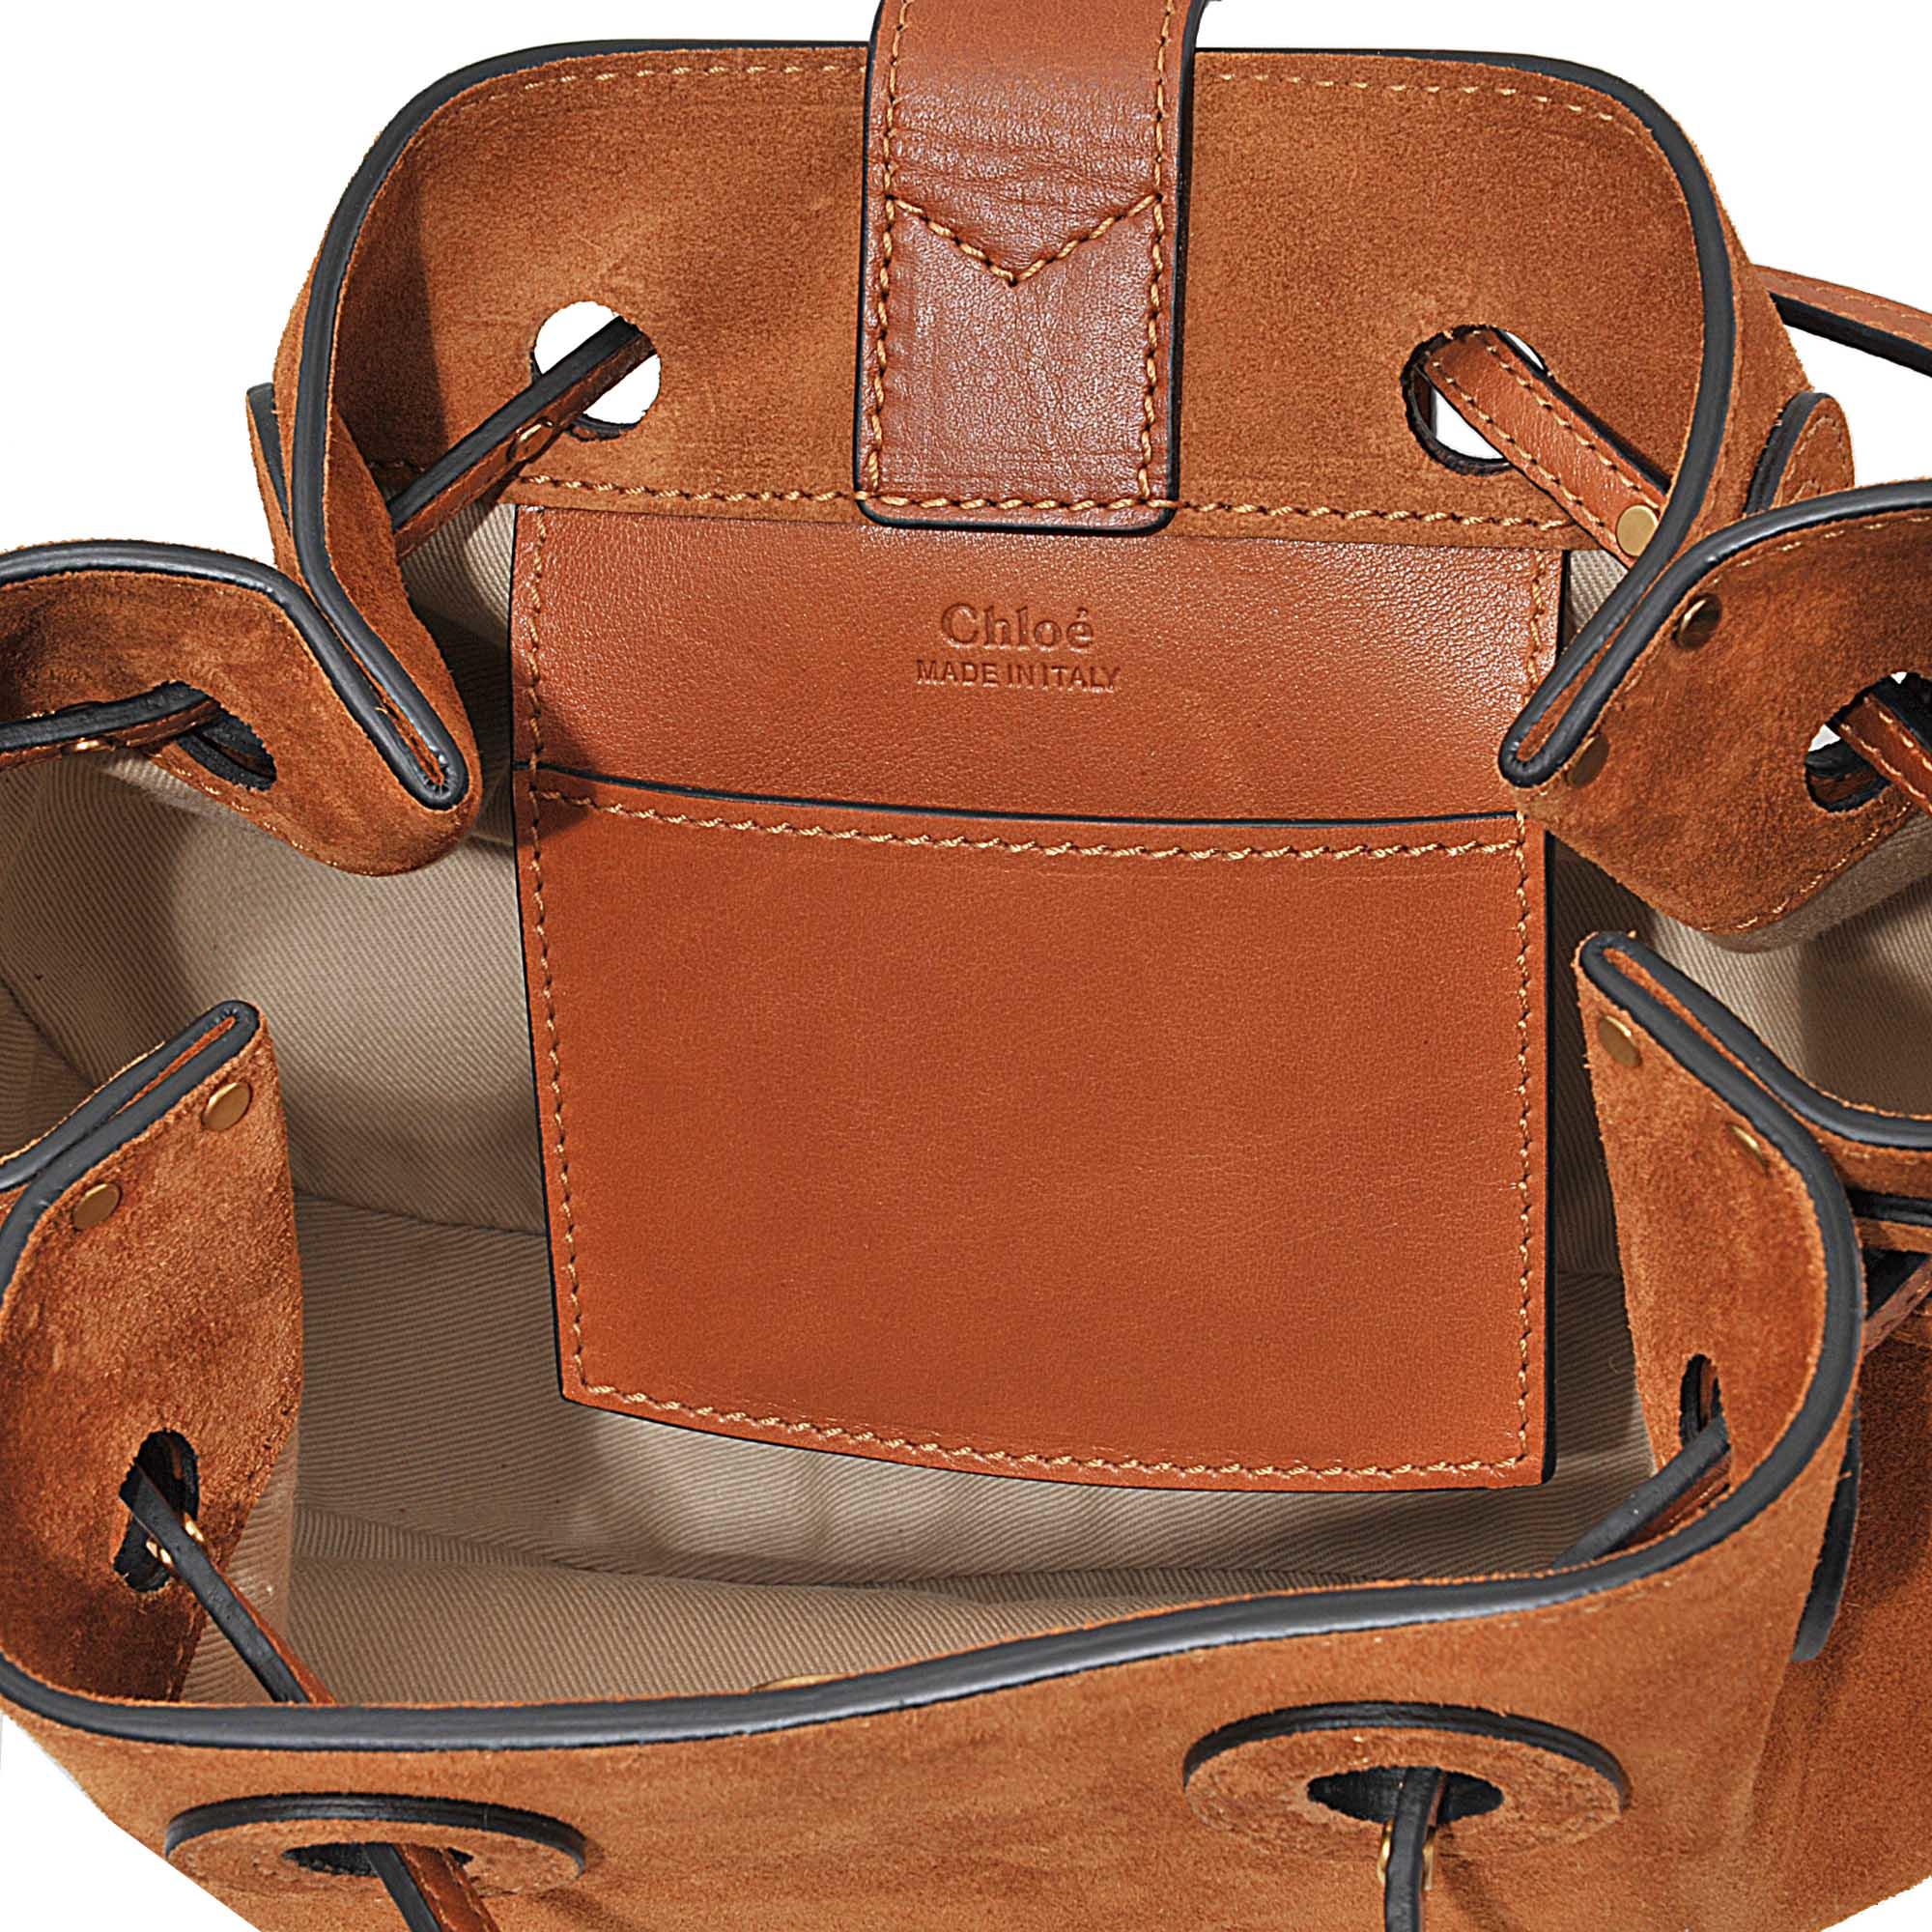 replica chloe bag - isa tote in small grain calfskin